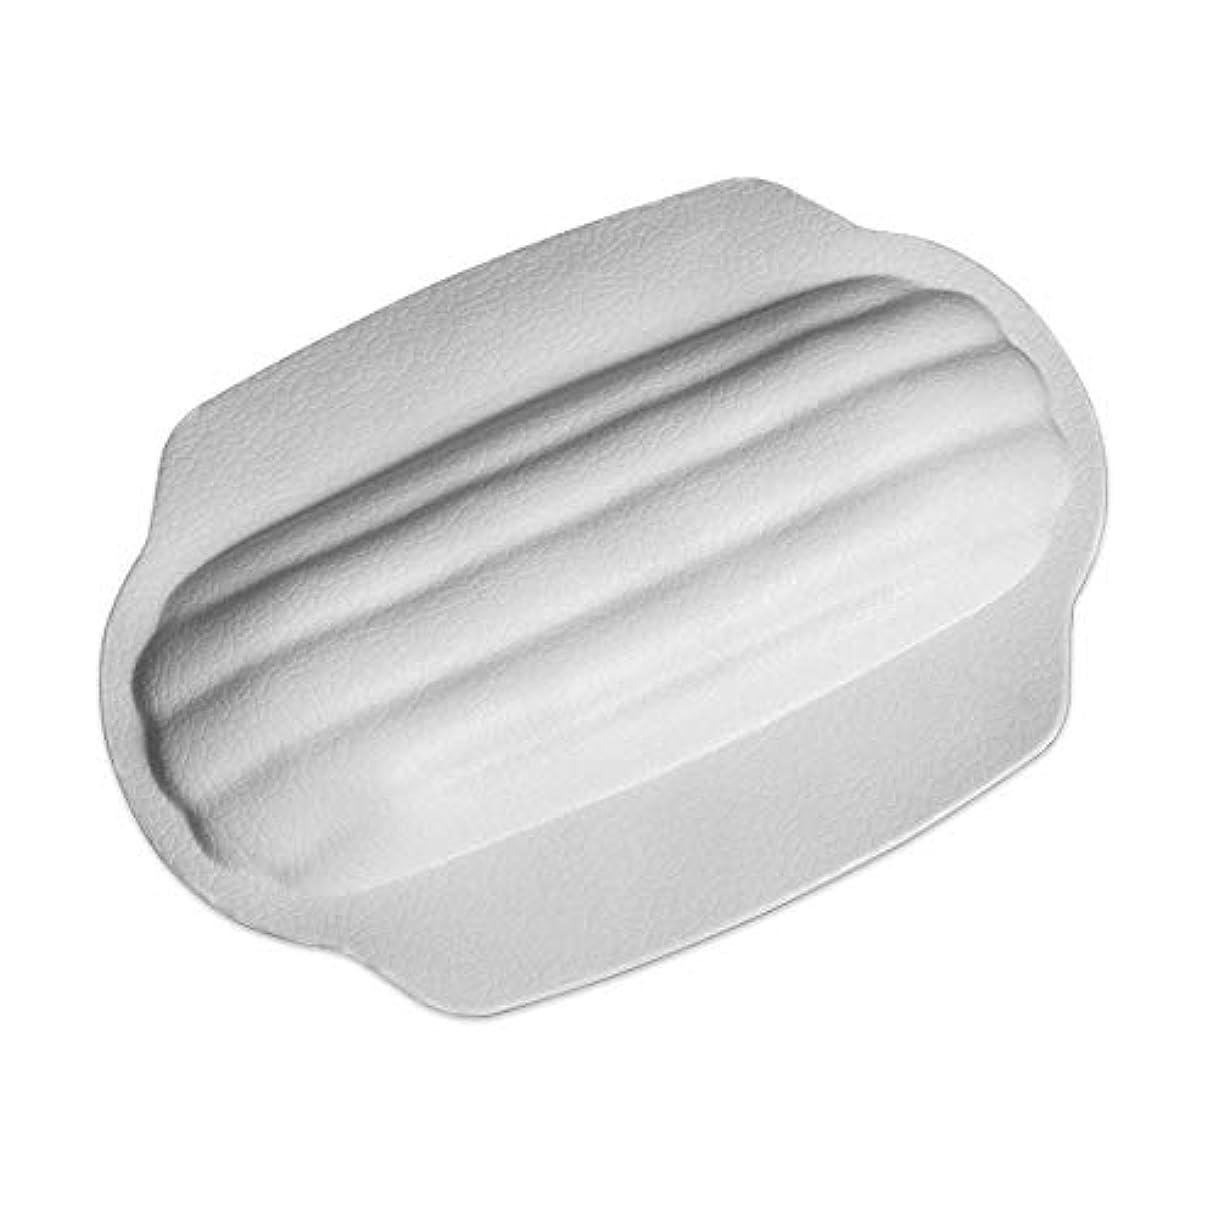 同化財産ホバーサクションカップ付き防水滑り止めスパ枕厚めユニバーサルバスタブ枕バスタブと抗菌性